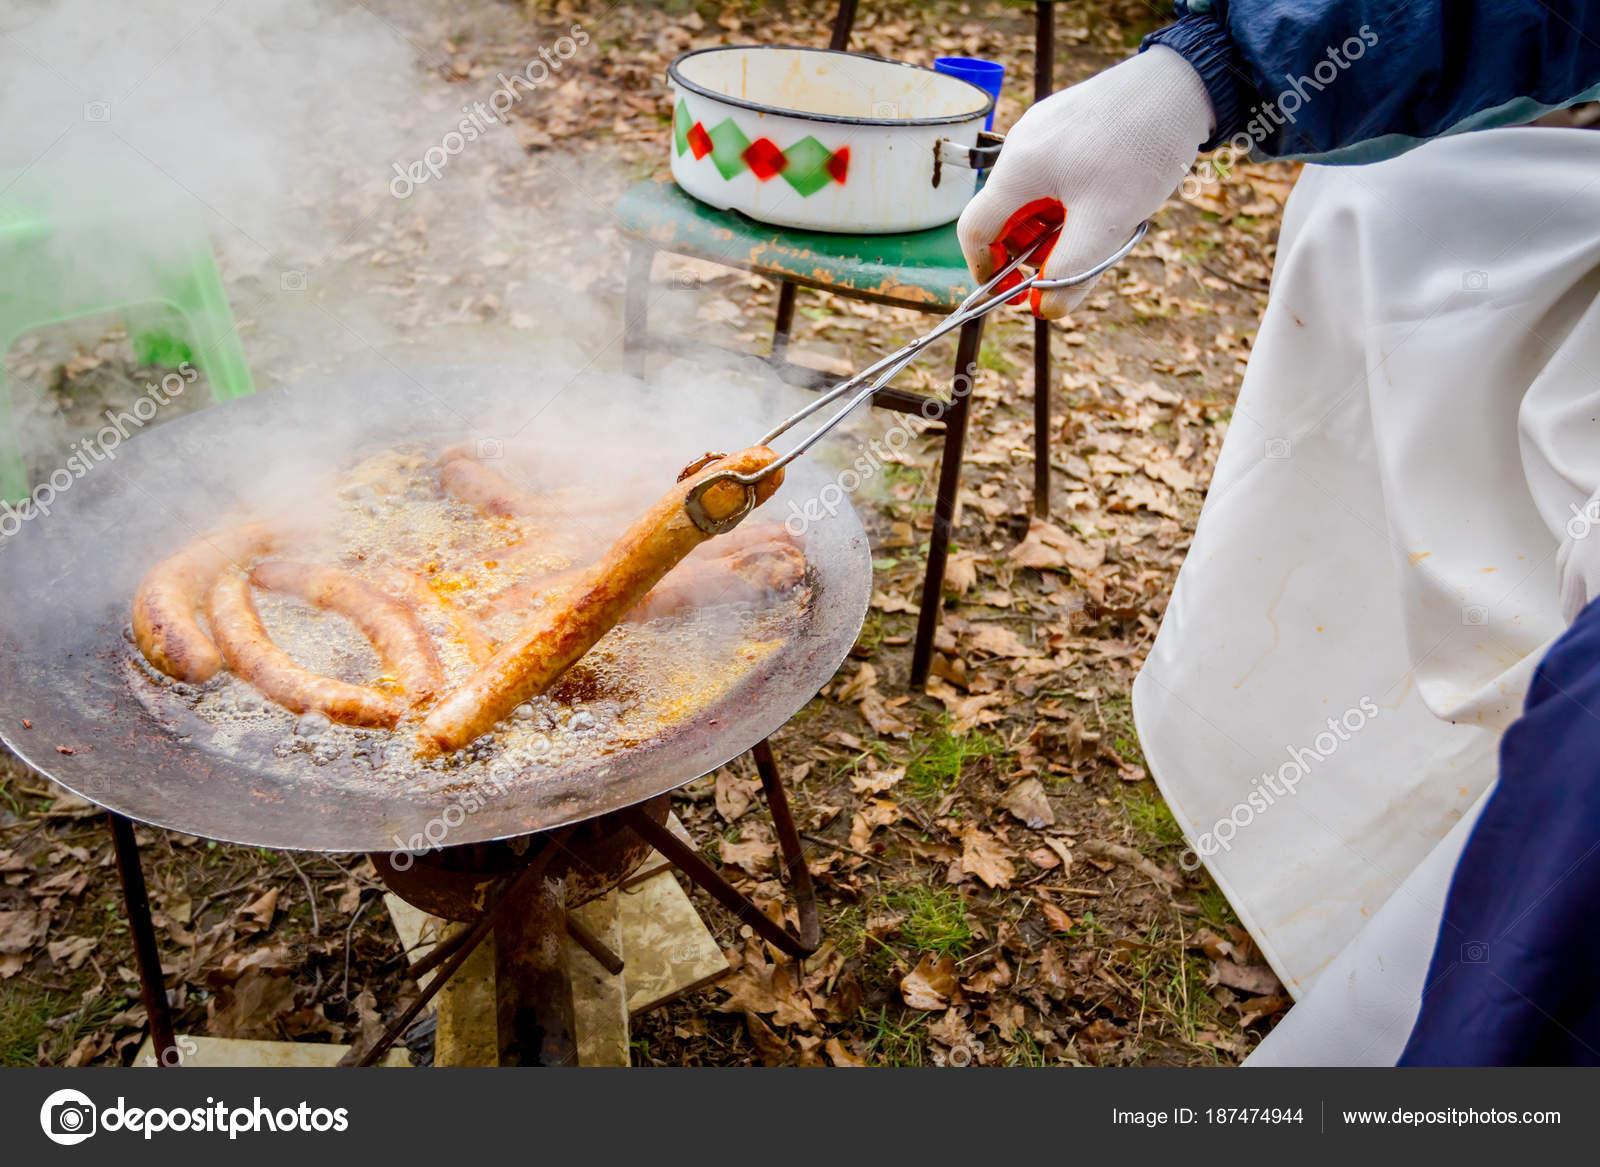 Lezzetli ve pişirmek kolay - meyilli sosis